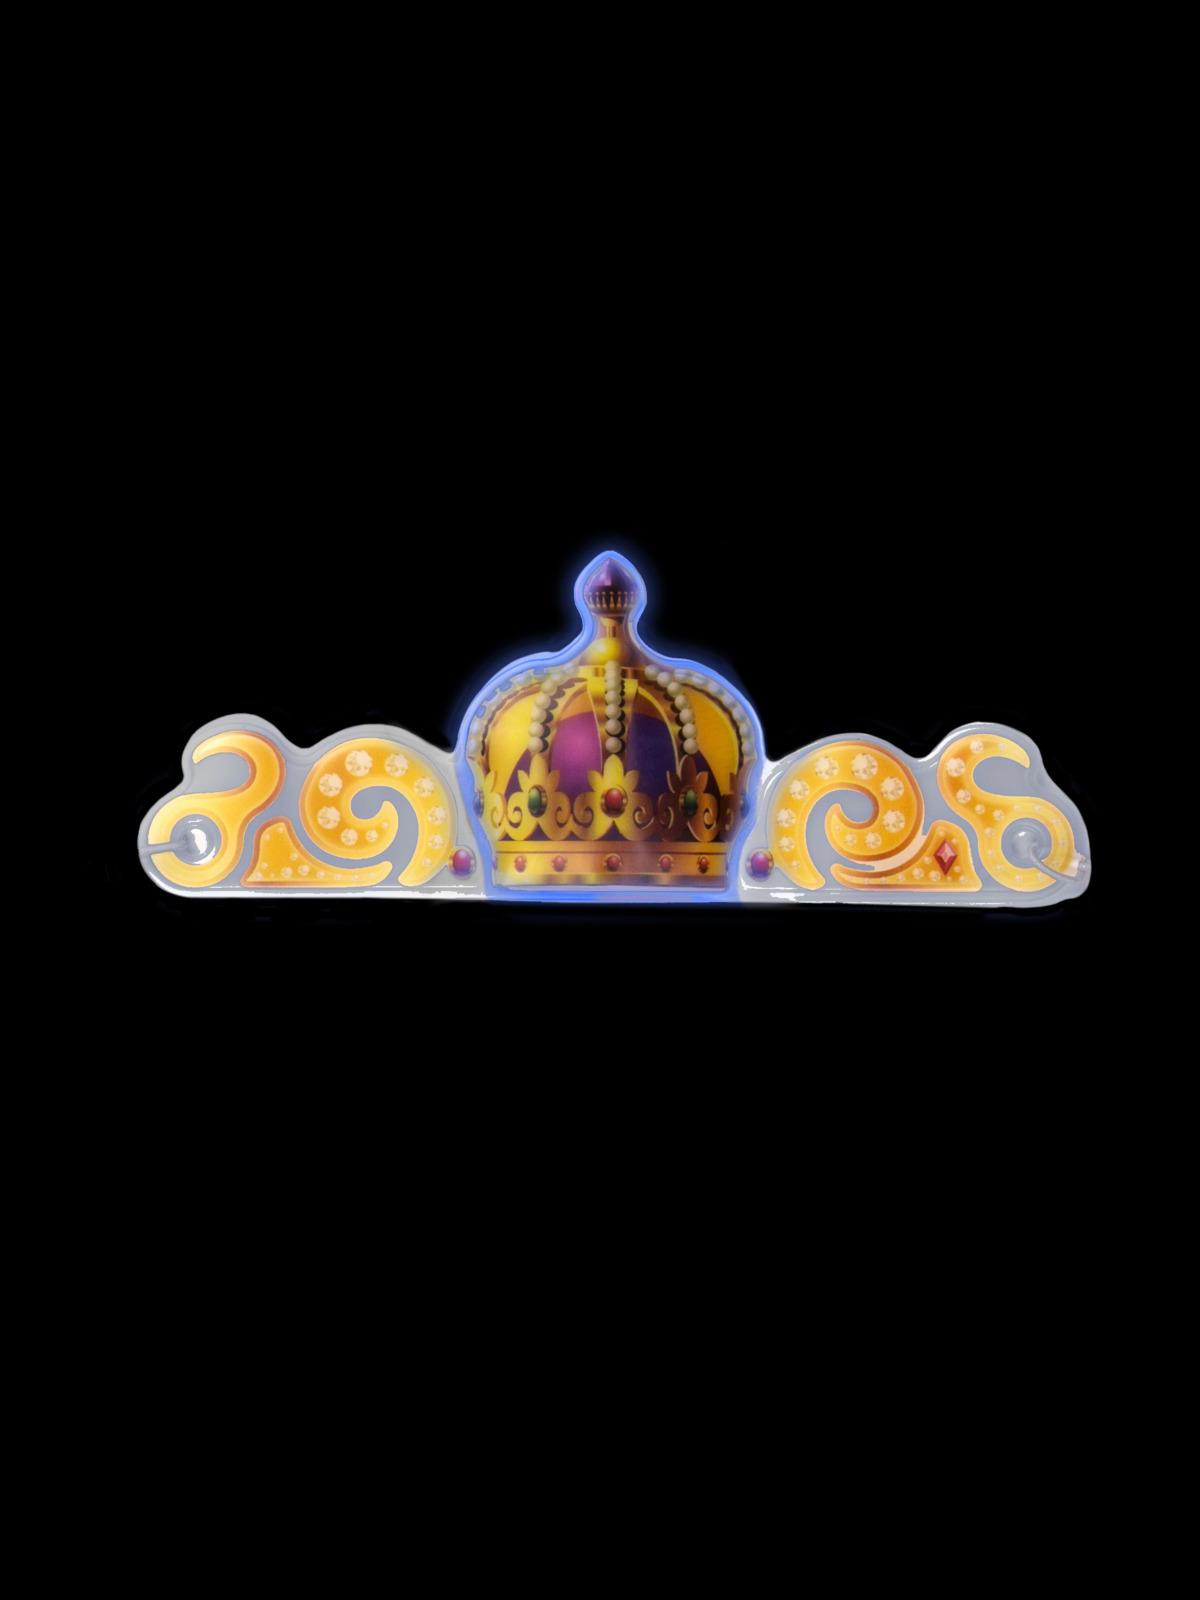 Светящаяся диадема для карнавалов Magic Time, 80254, разноцветный